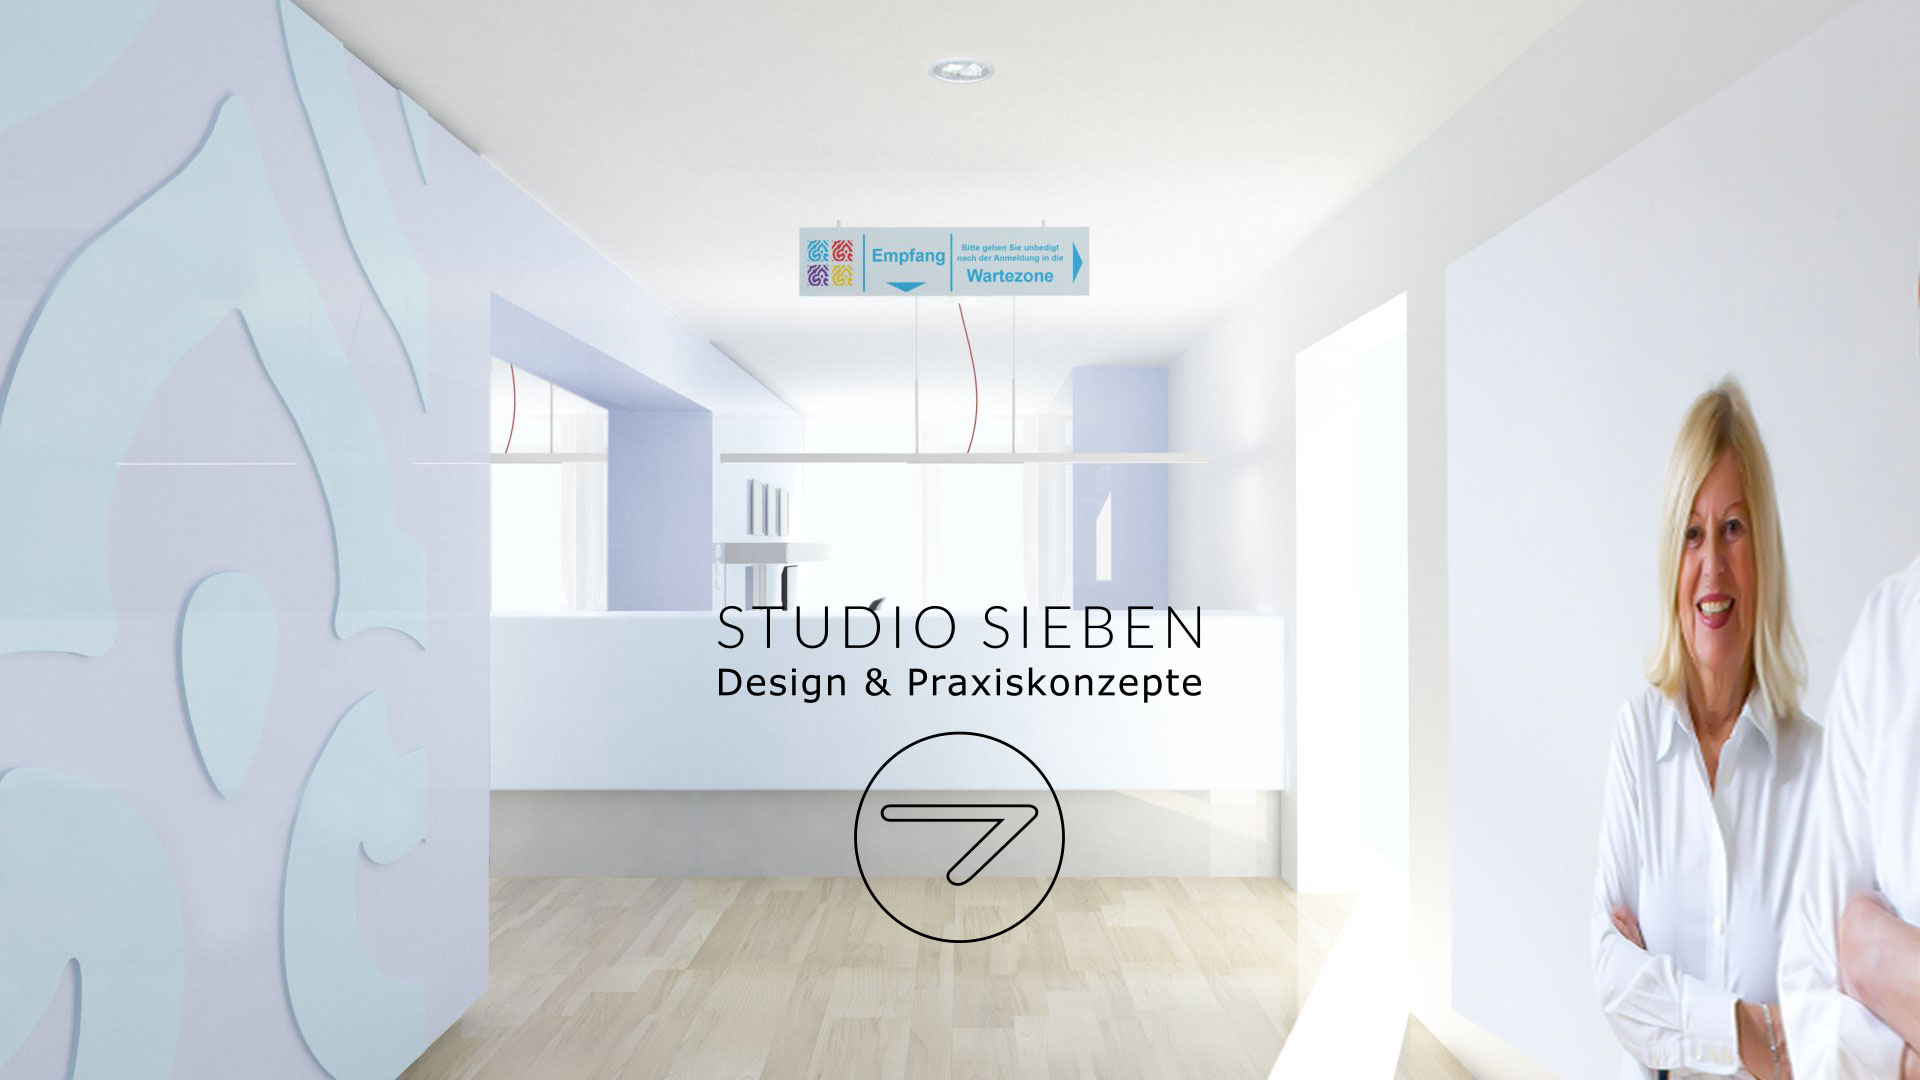 Praxiskonzept & Praxiseinrichtung für ein Hausarztzentrum in Duisburg (Inneneinrichtung, Druckerzeugnisse, Beschilderung)